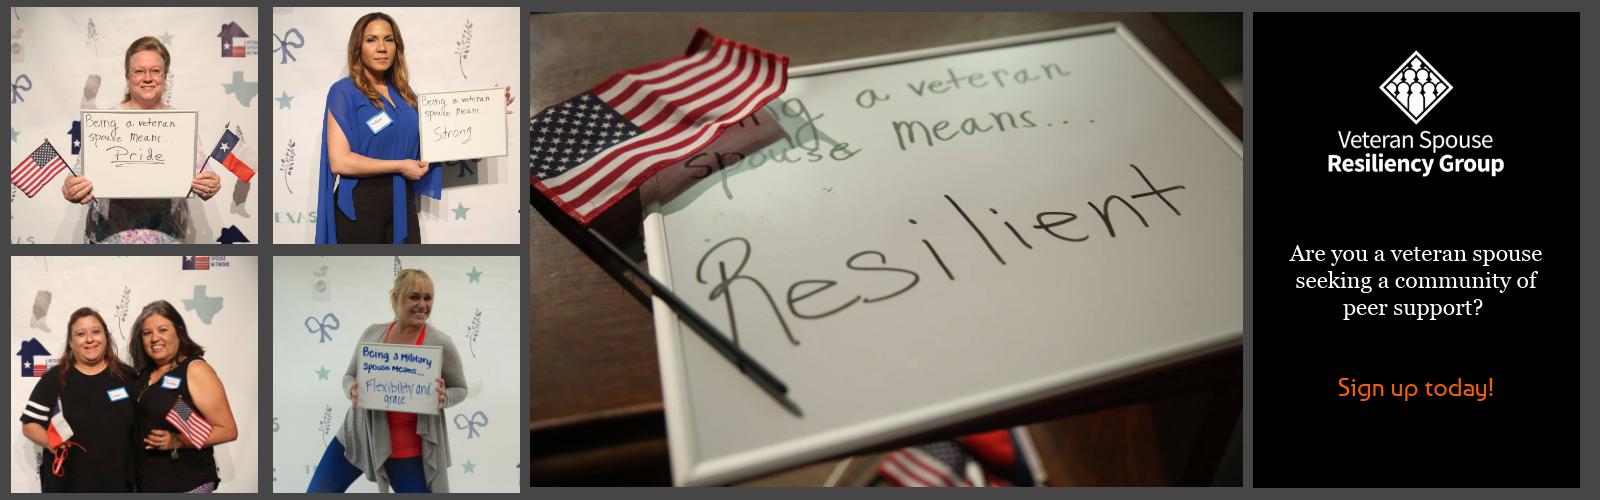 Veteran Spouse Resiliency Group (V-SRG)